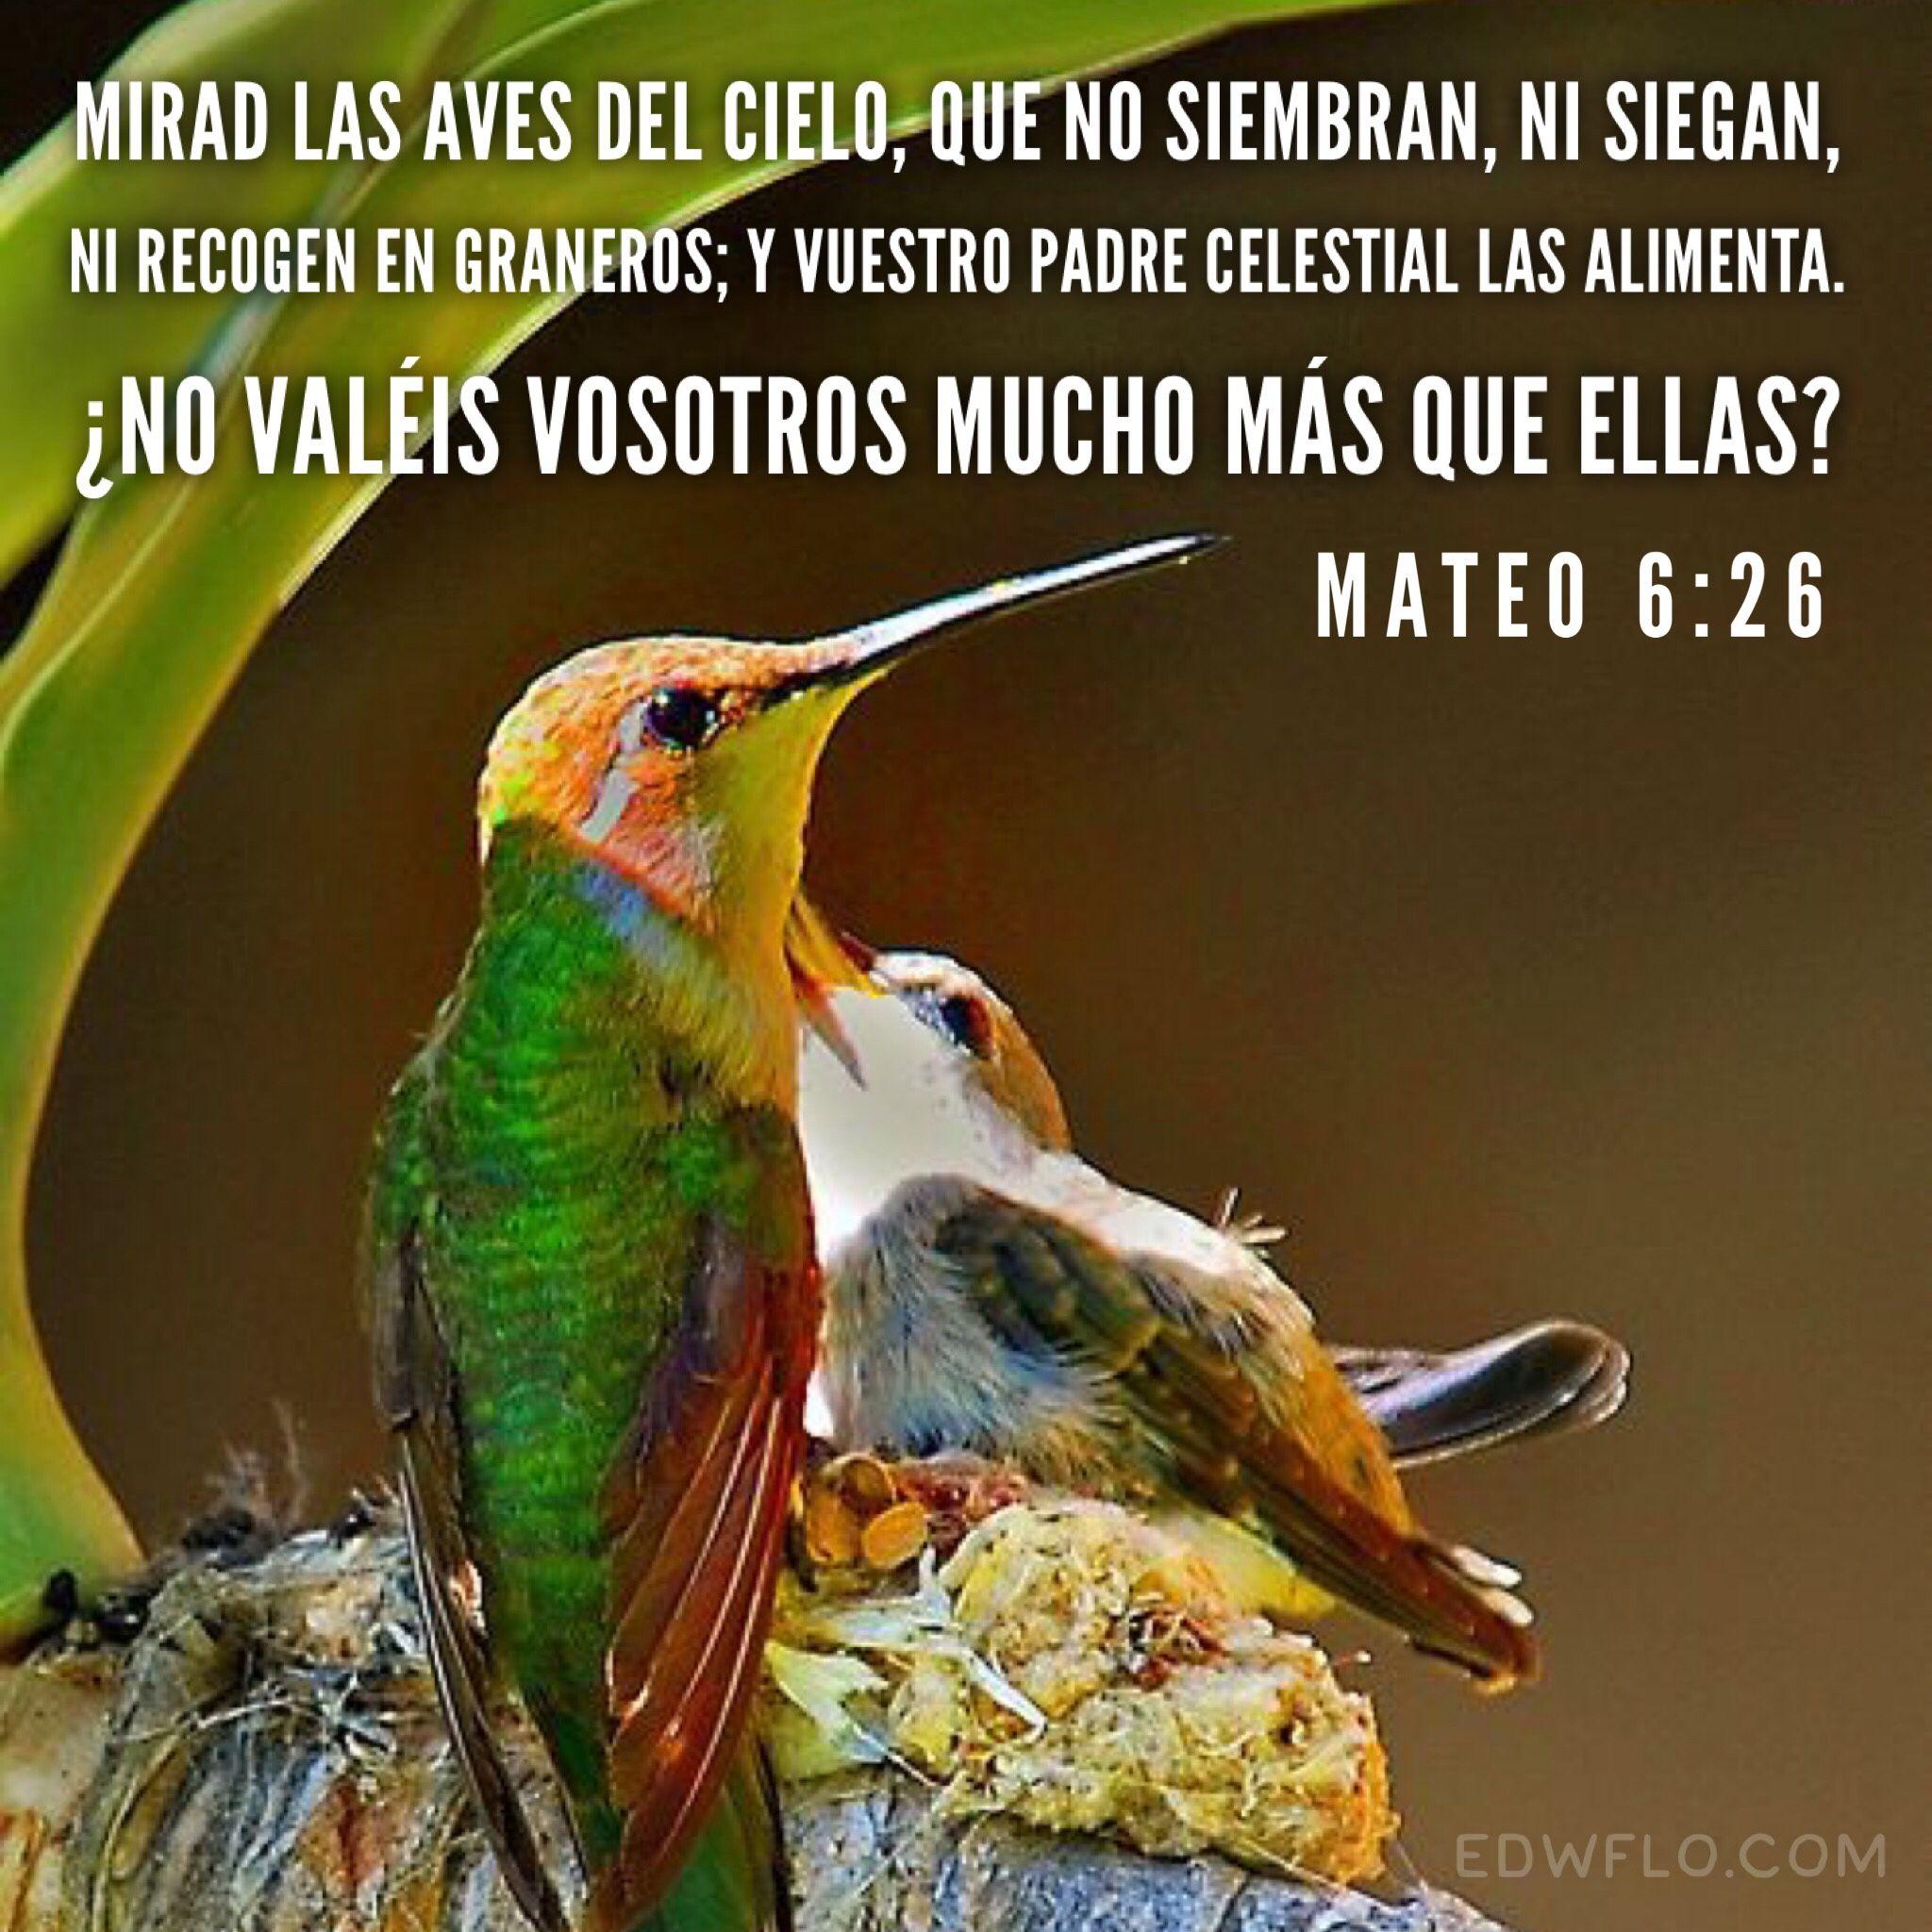 Mateo 6 26 Caminar Con Dios Frases Celebres De Filosofos Frases De La Biblia